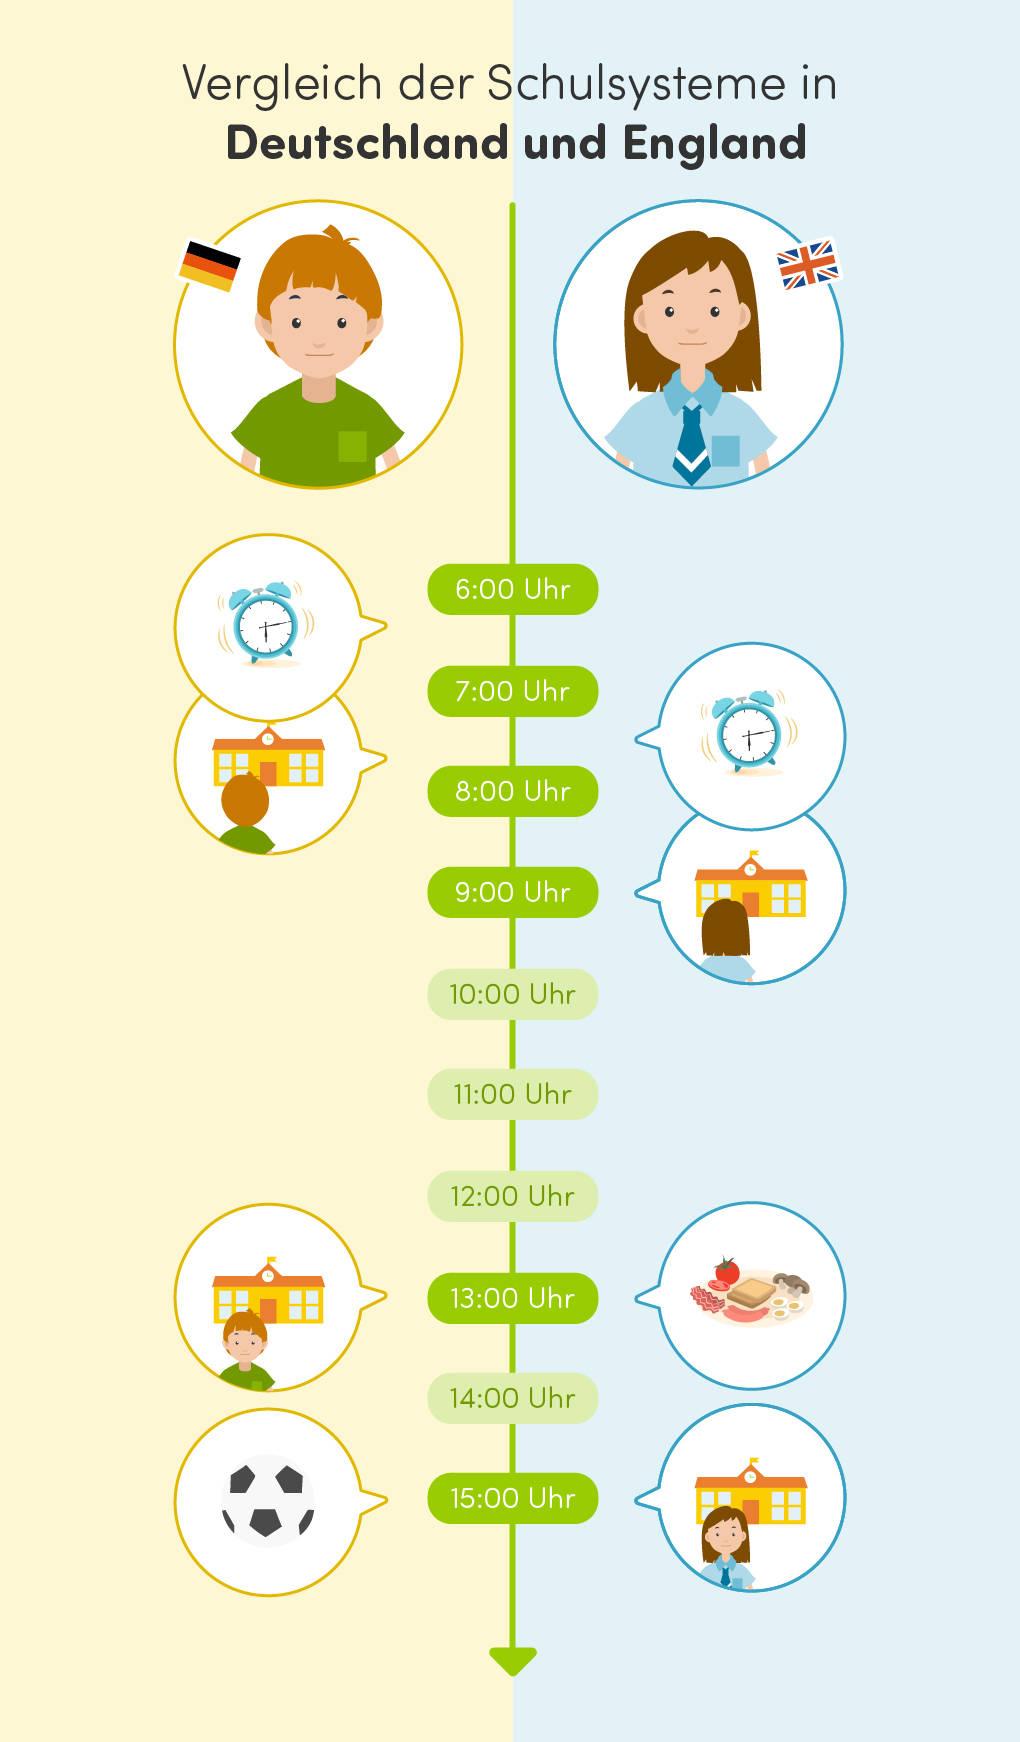 VergleichSchulsysteme.jpg